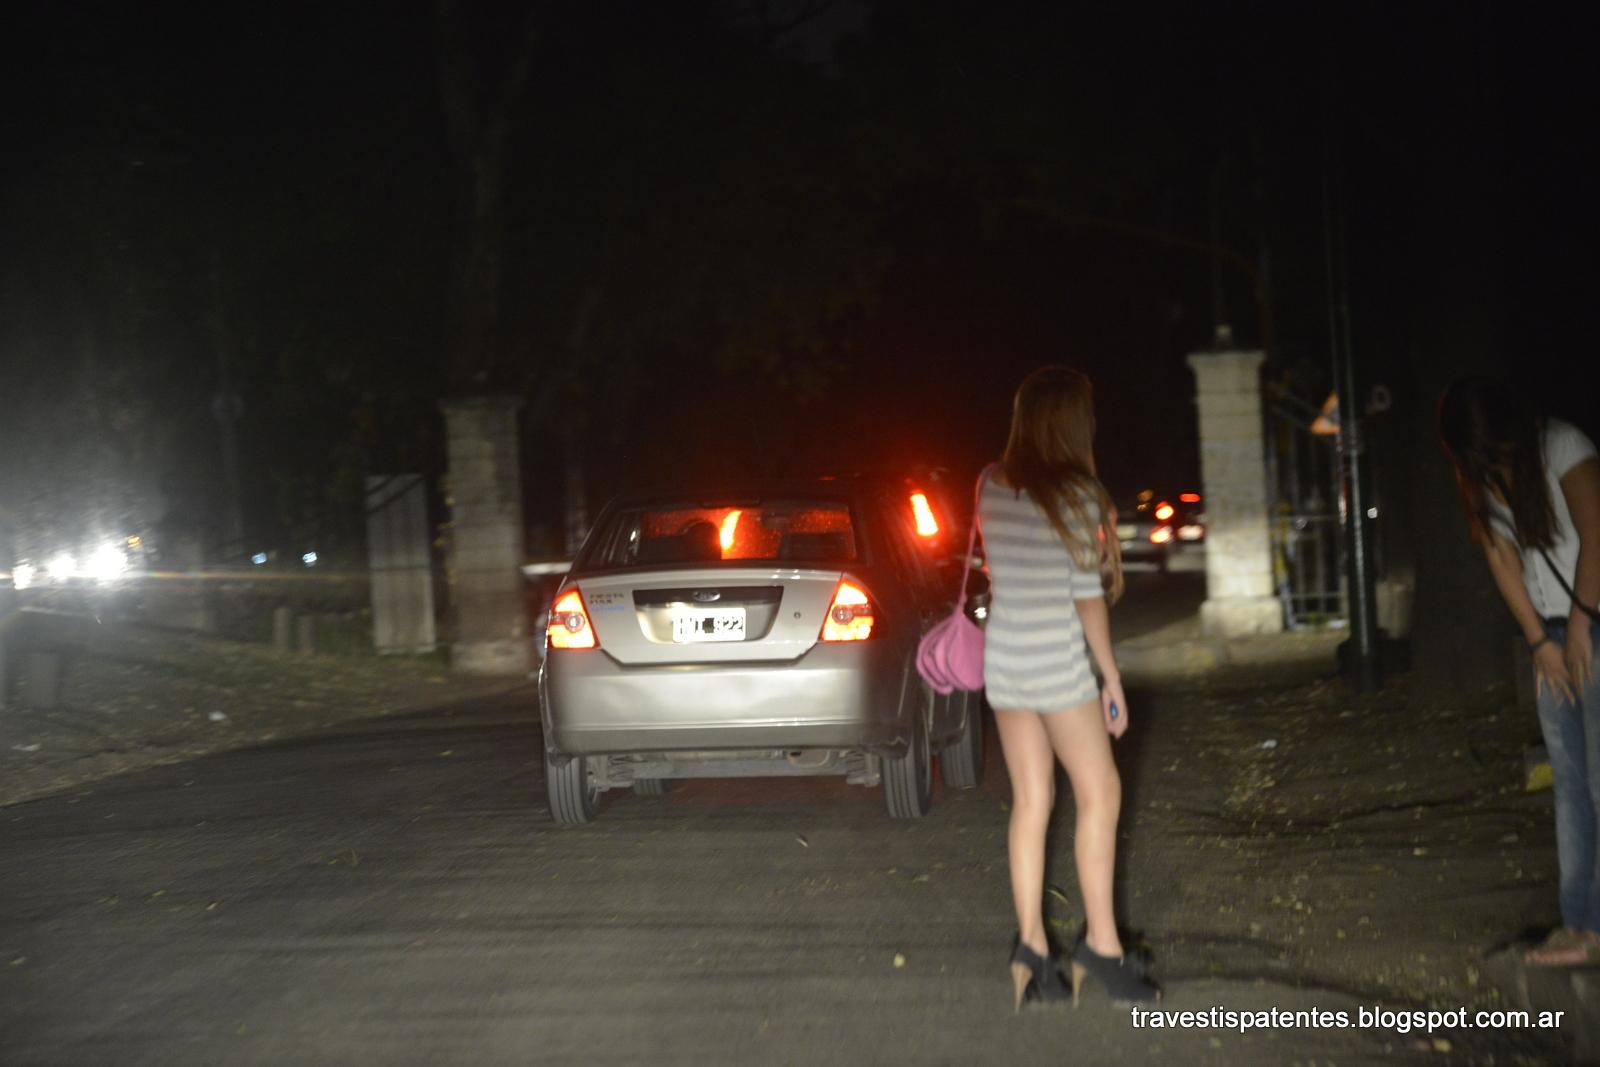 por que los hombres van con prostitutas prostitutas callejeras benidorm